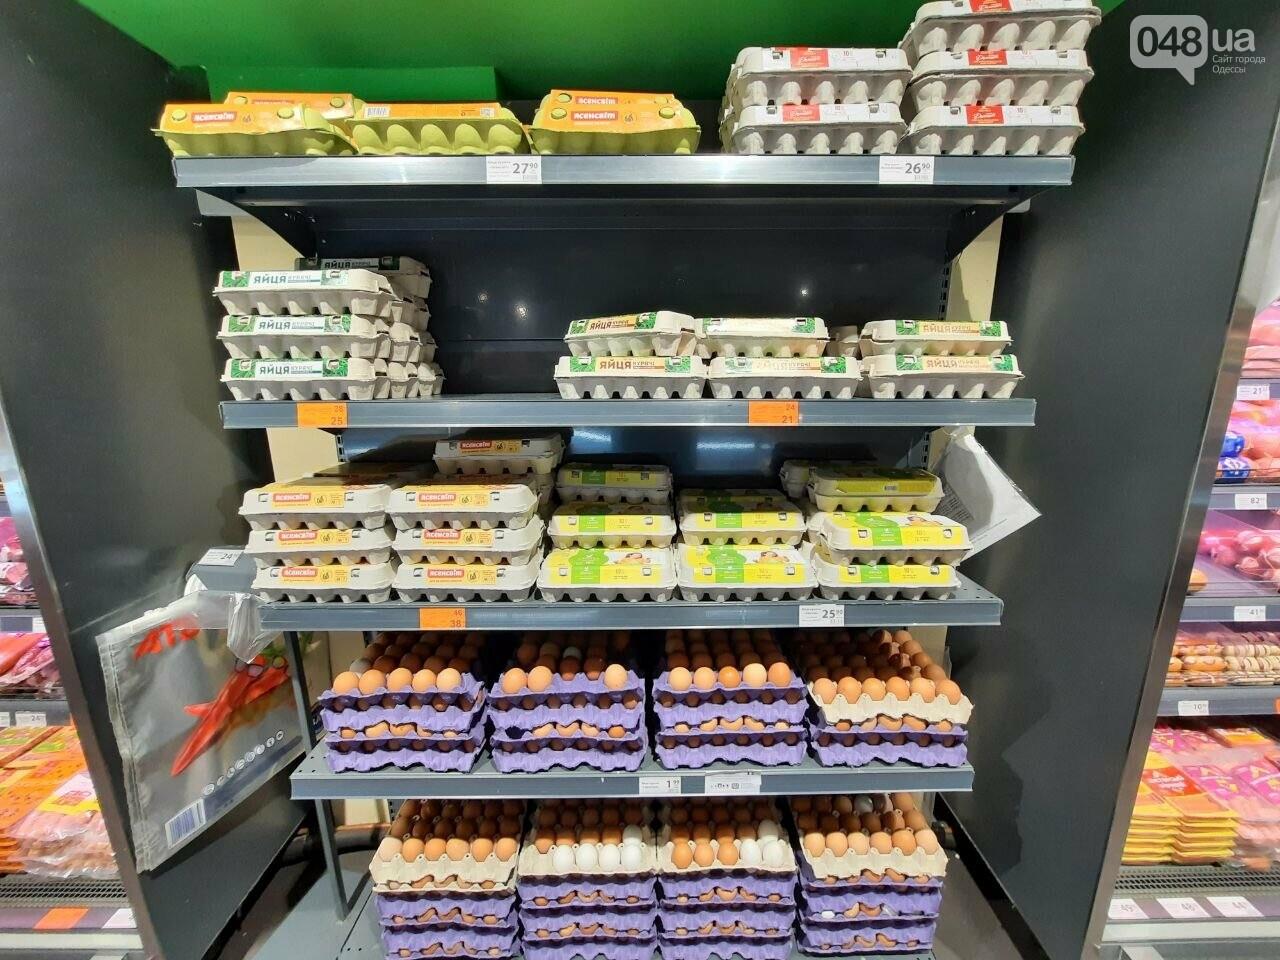 Мониторинг цен: в одесских супермаркетах начали дешеветь куриные яйца, - ФОТО, фото-1